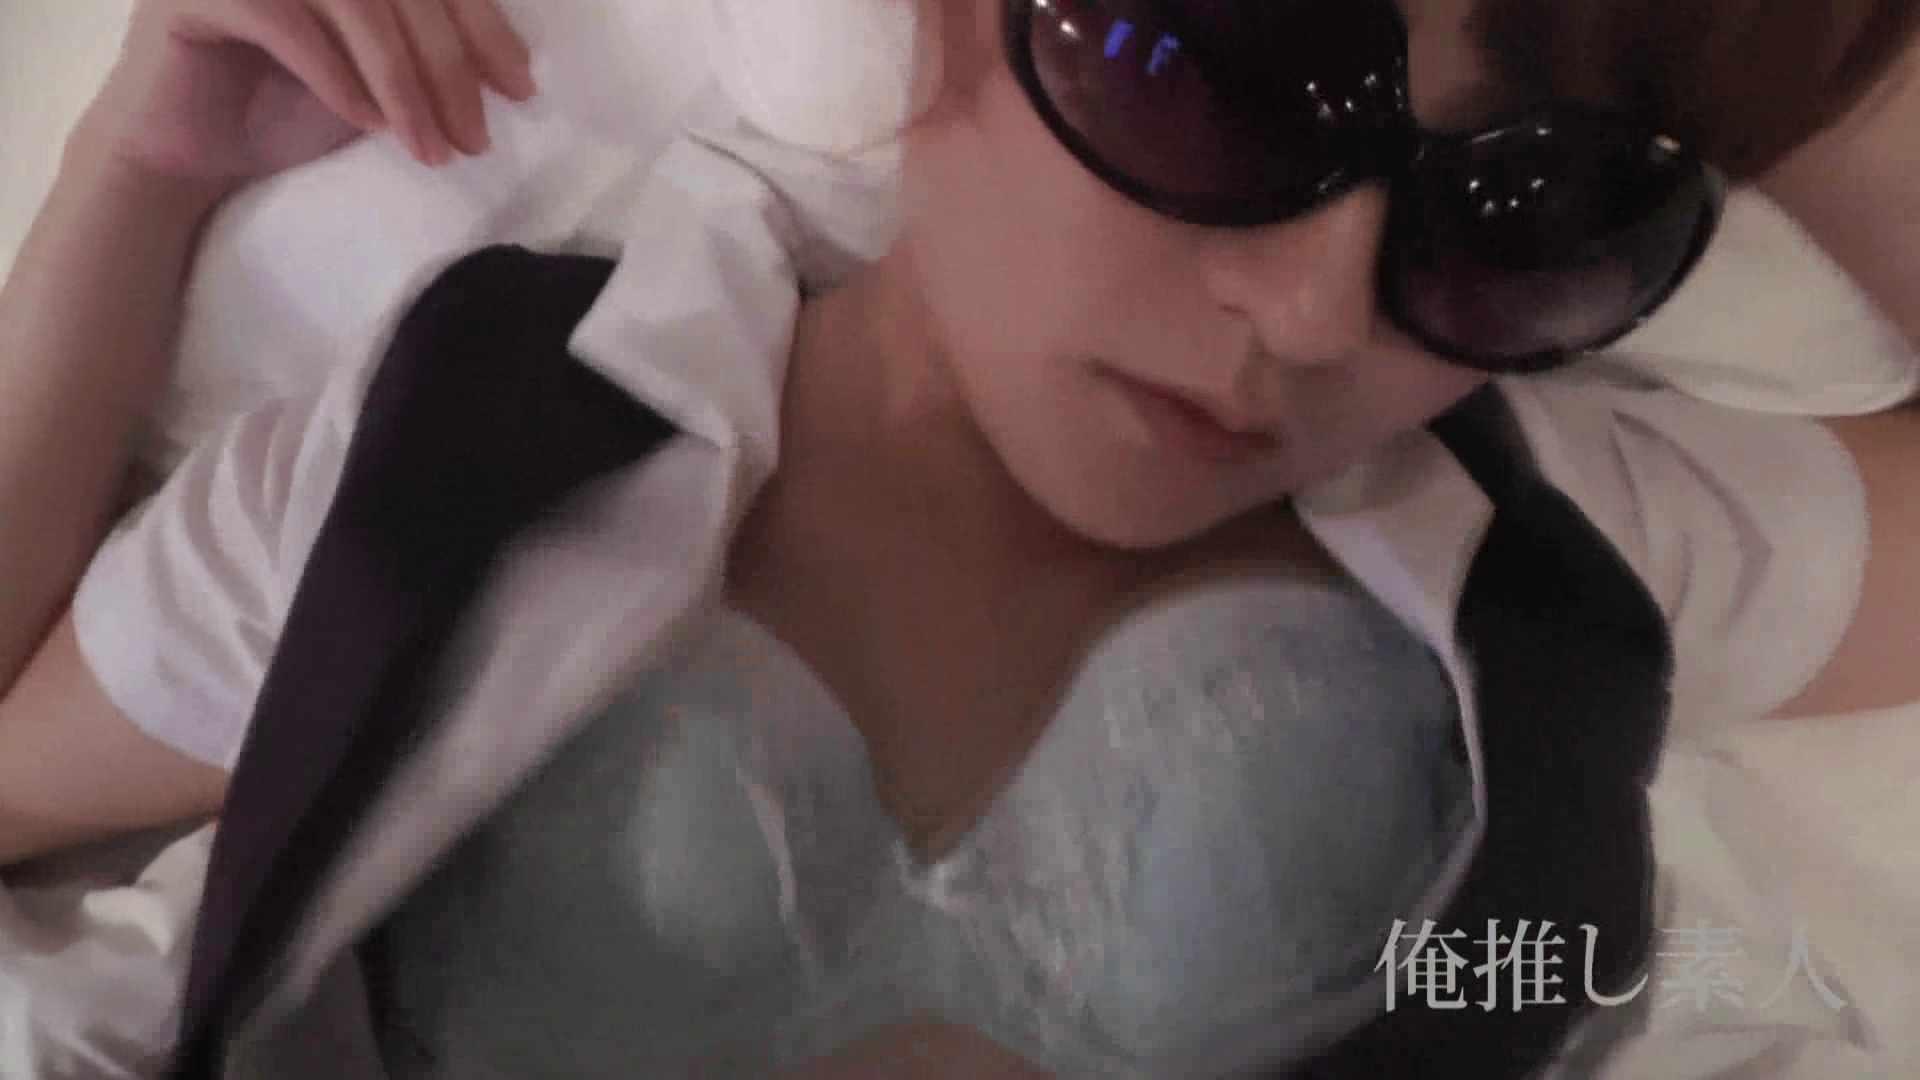 俺推し素人 キャバクラ嬢26歳久美vol3 投稿映像 セックス画像 93pic 52